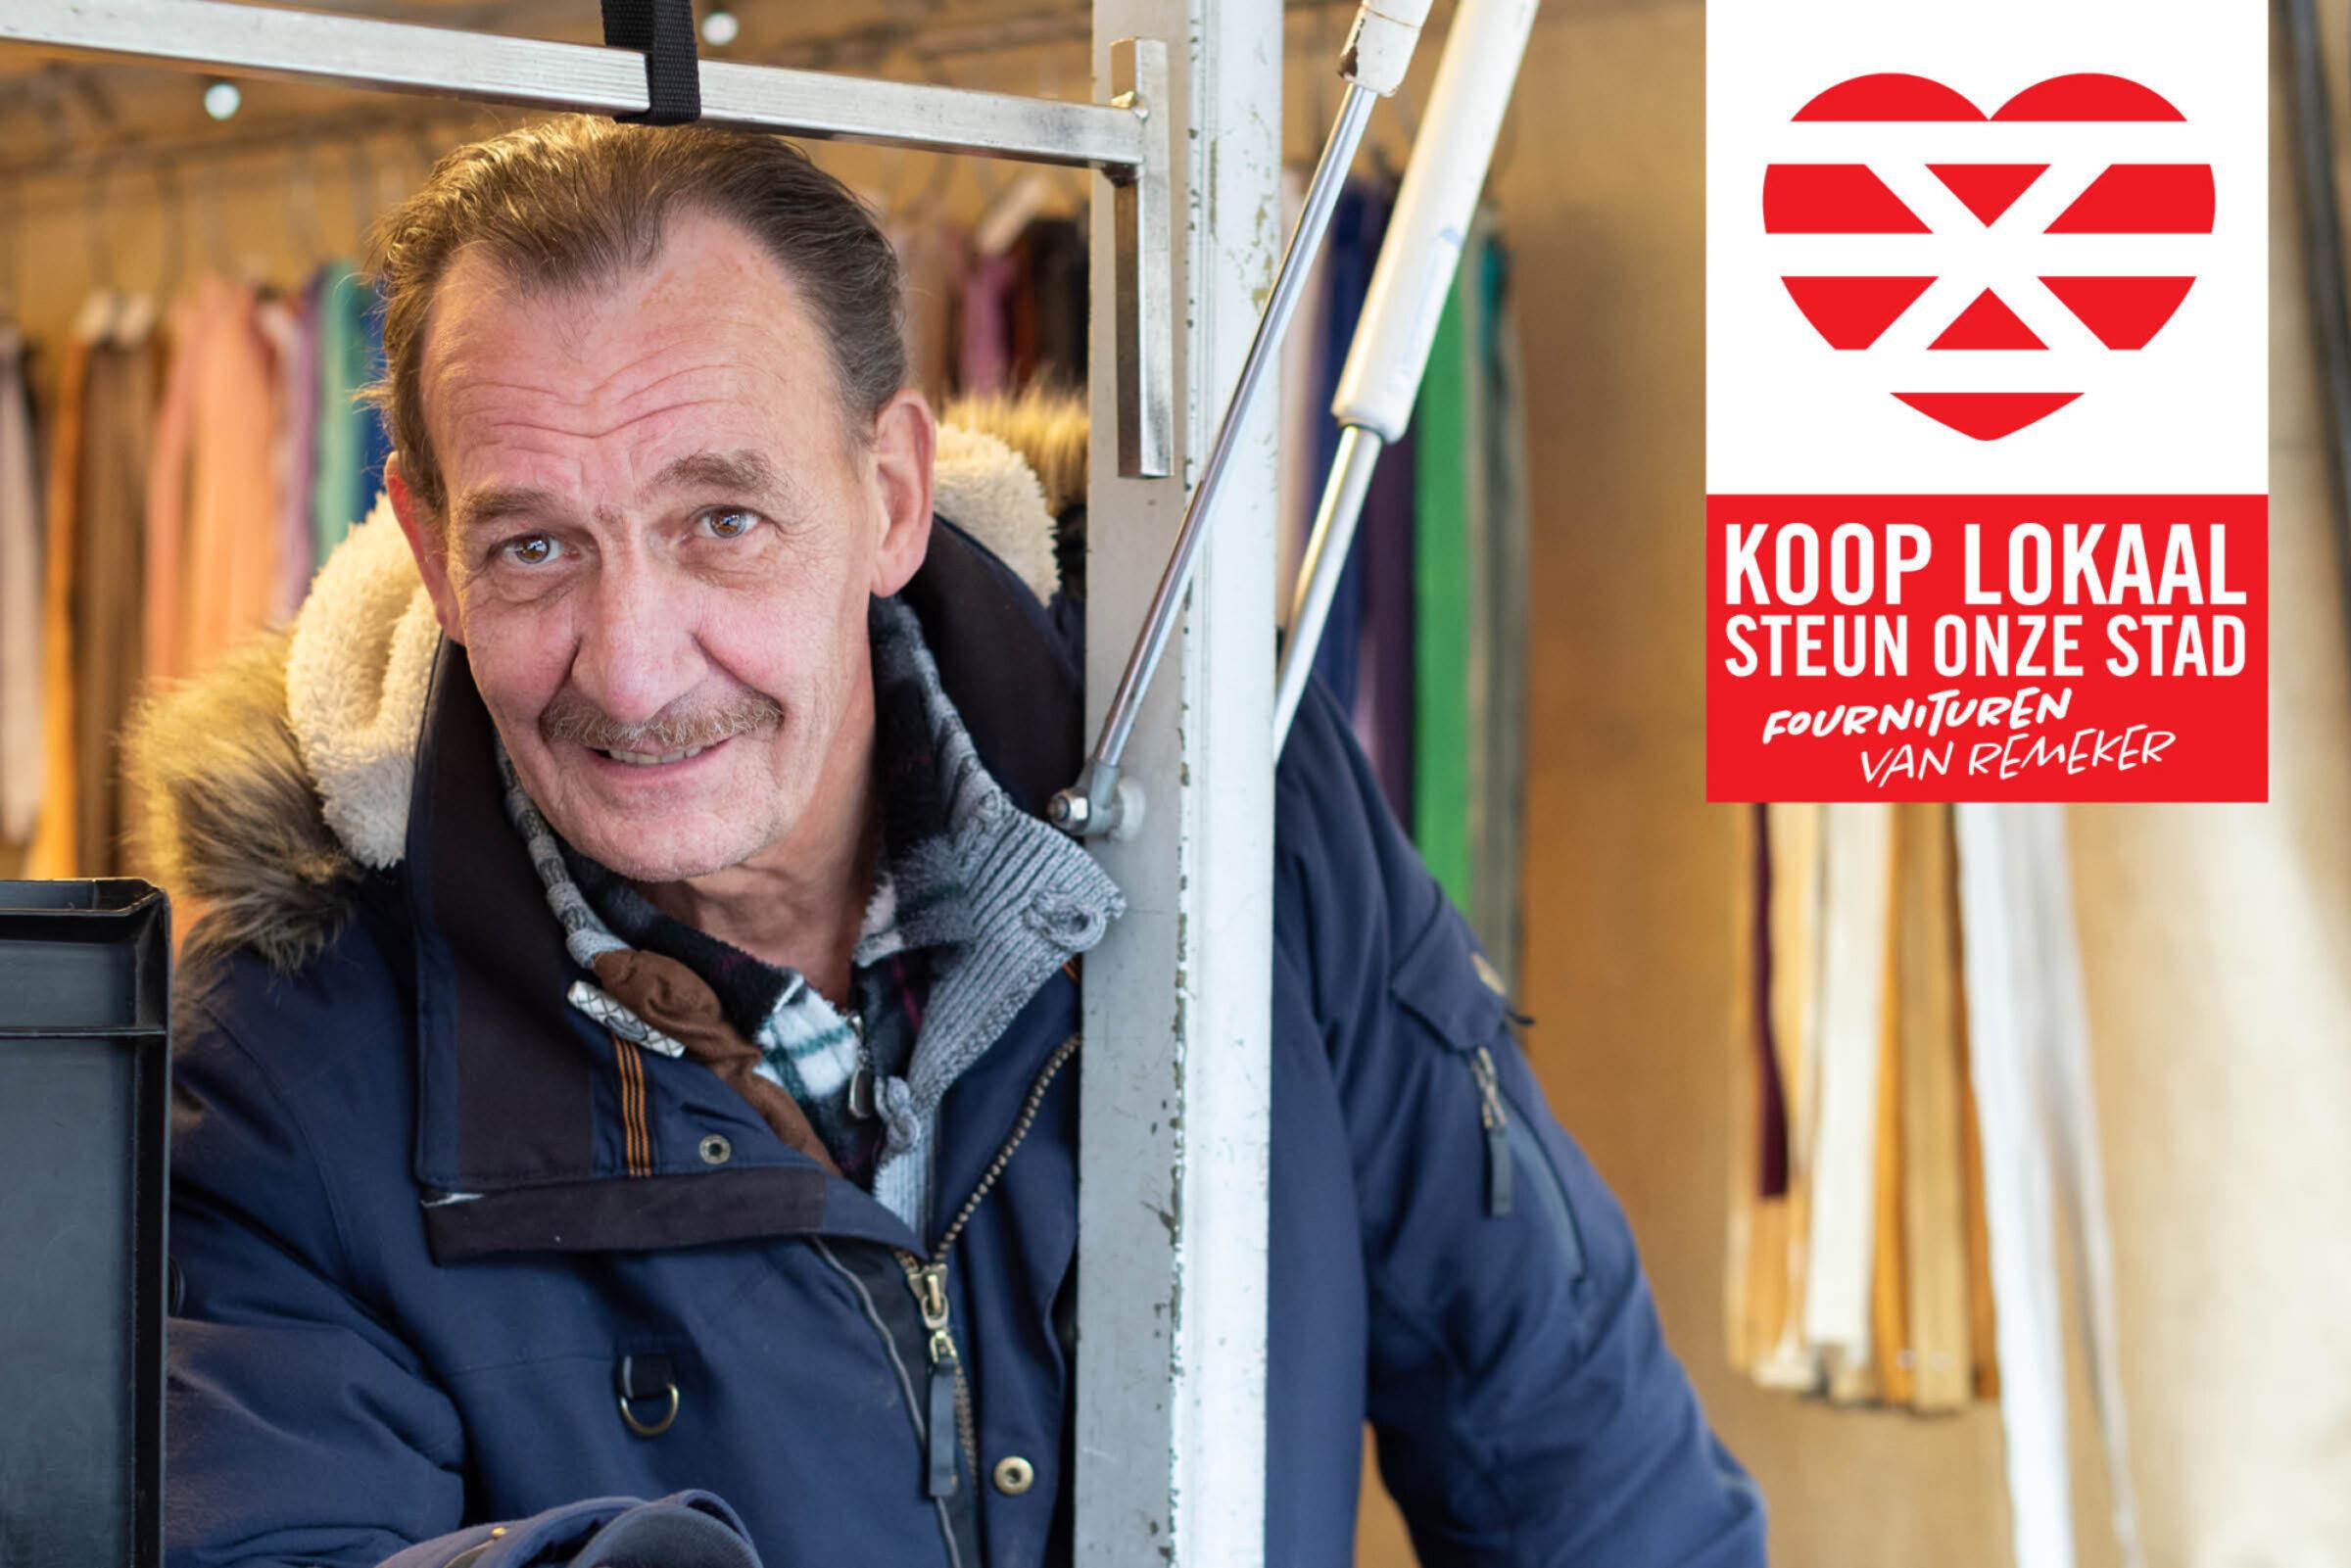 Steun onze stad Koop lokaal Enschede Fournituren Van Remeker